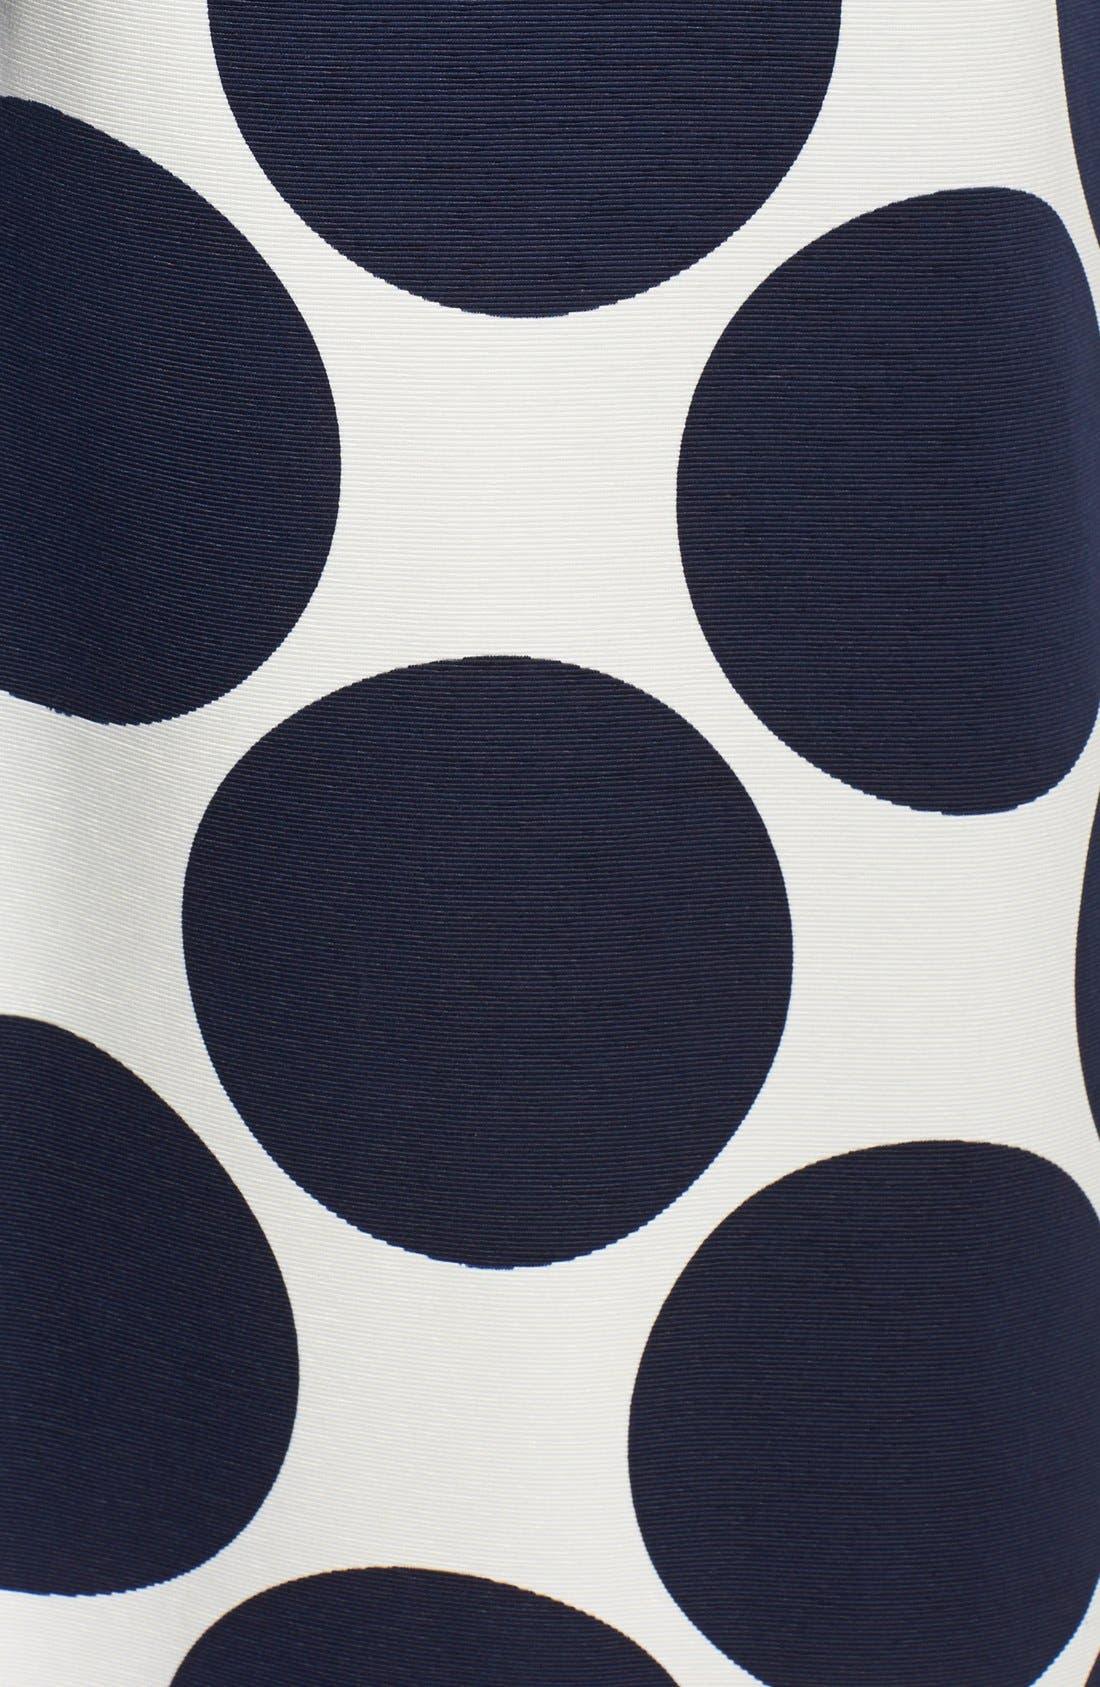 Pleated Dot Print Ball Skirt,                             Alternate thumbnail 3, color,                             407